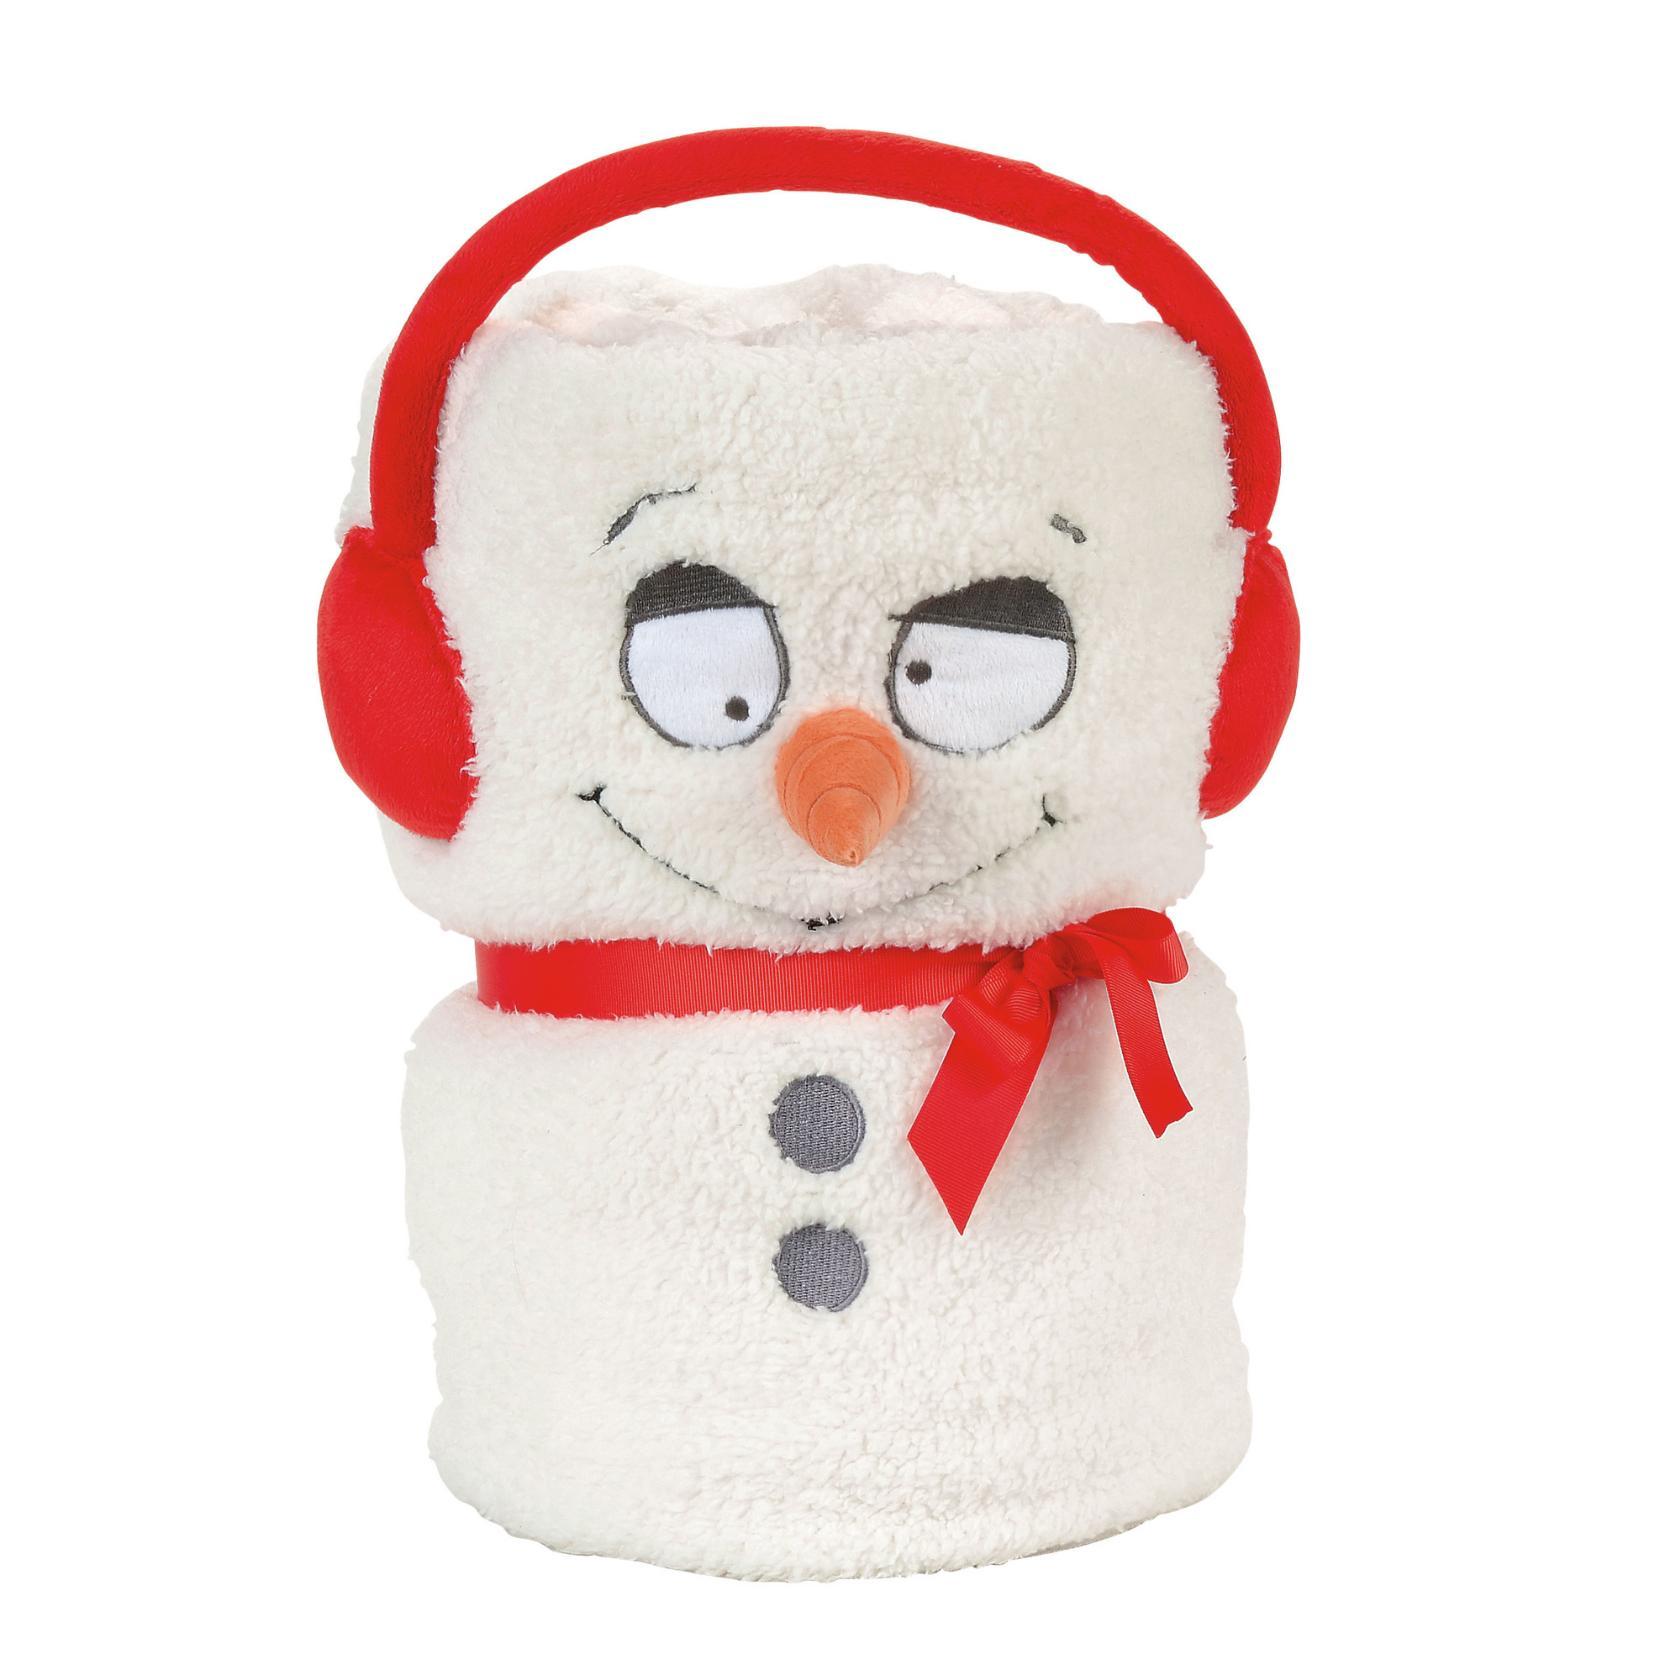 Snowman Snowthow